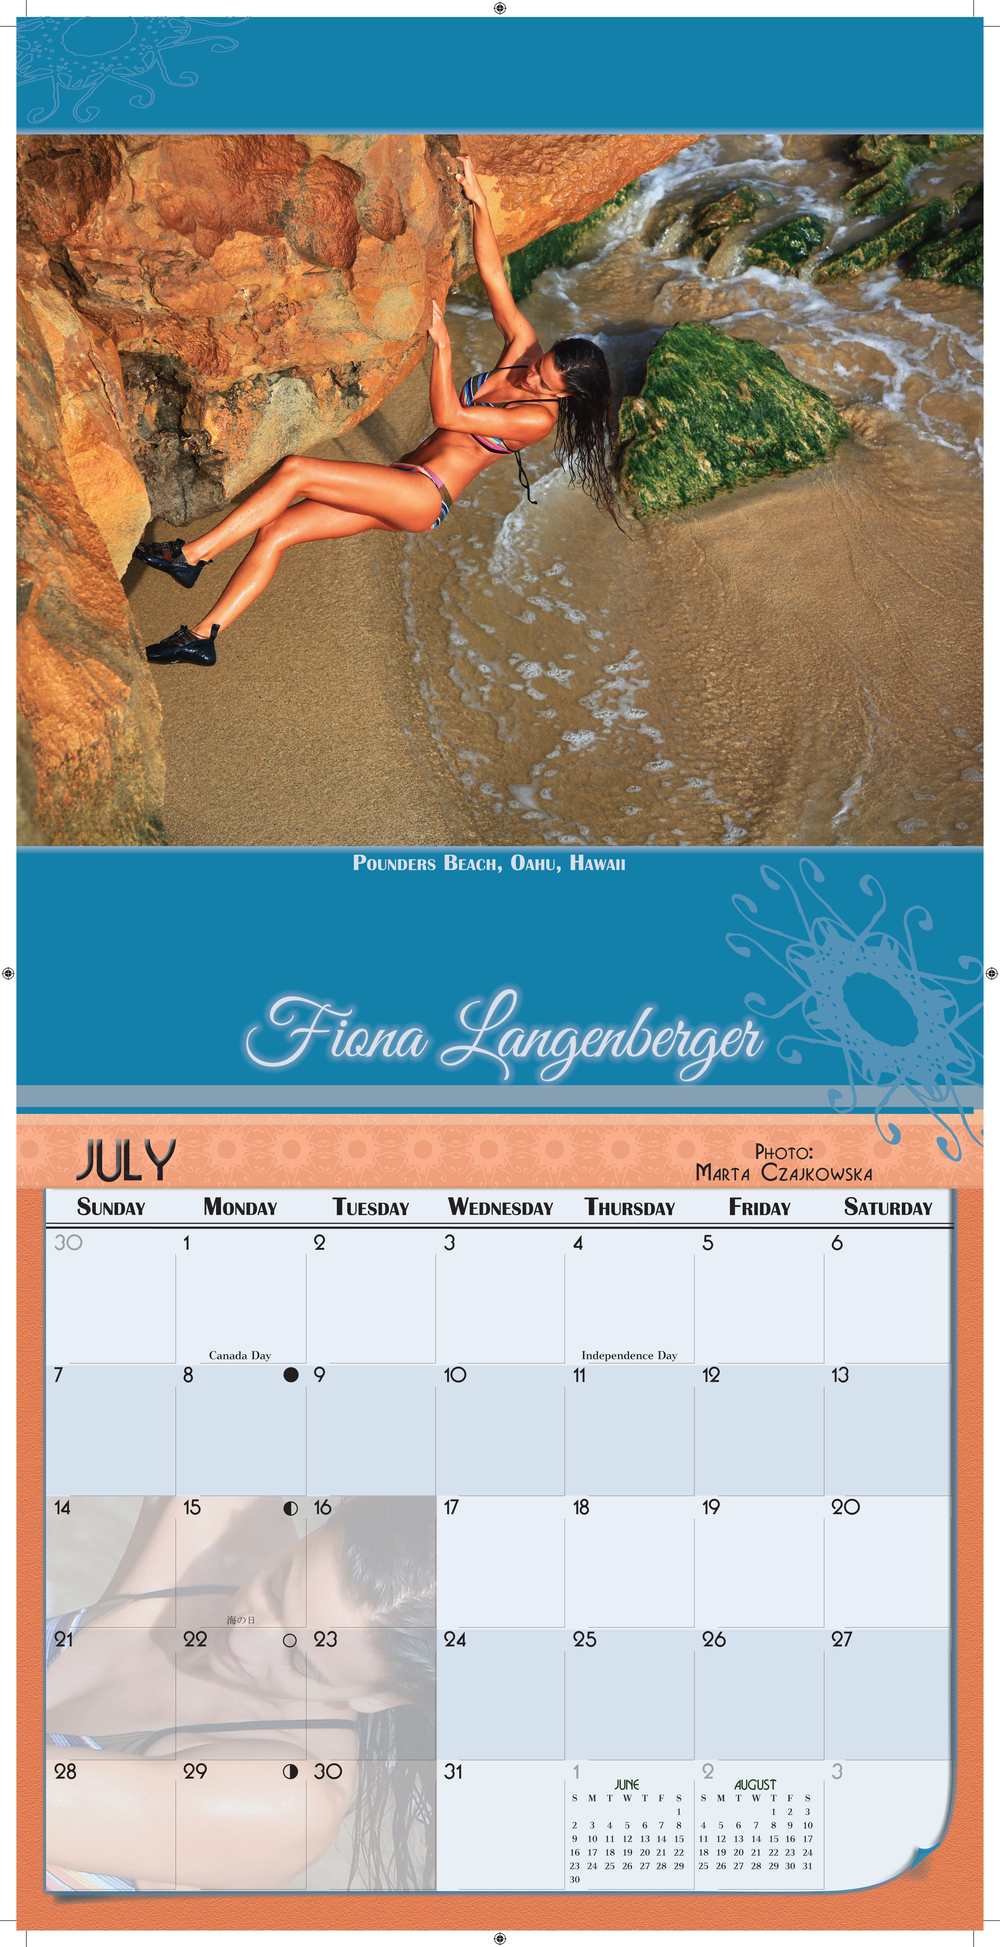 Womens_climbing_calendar_13.jpg